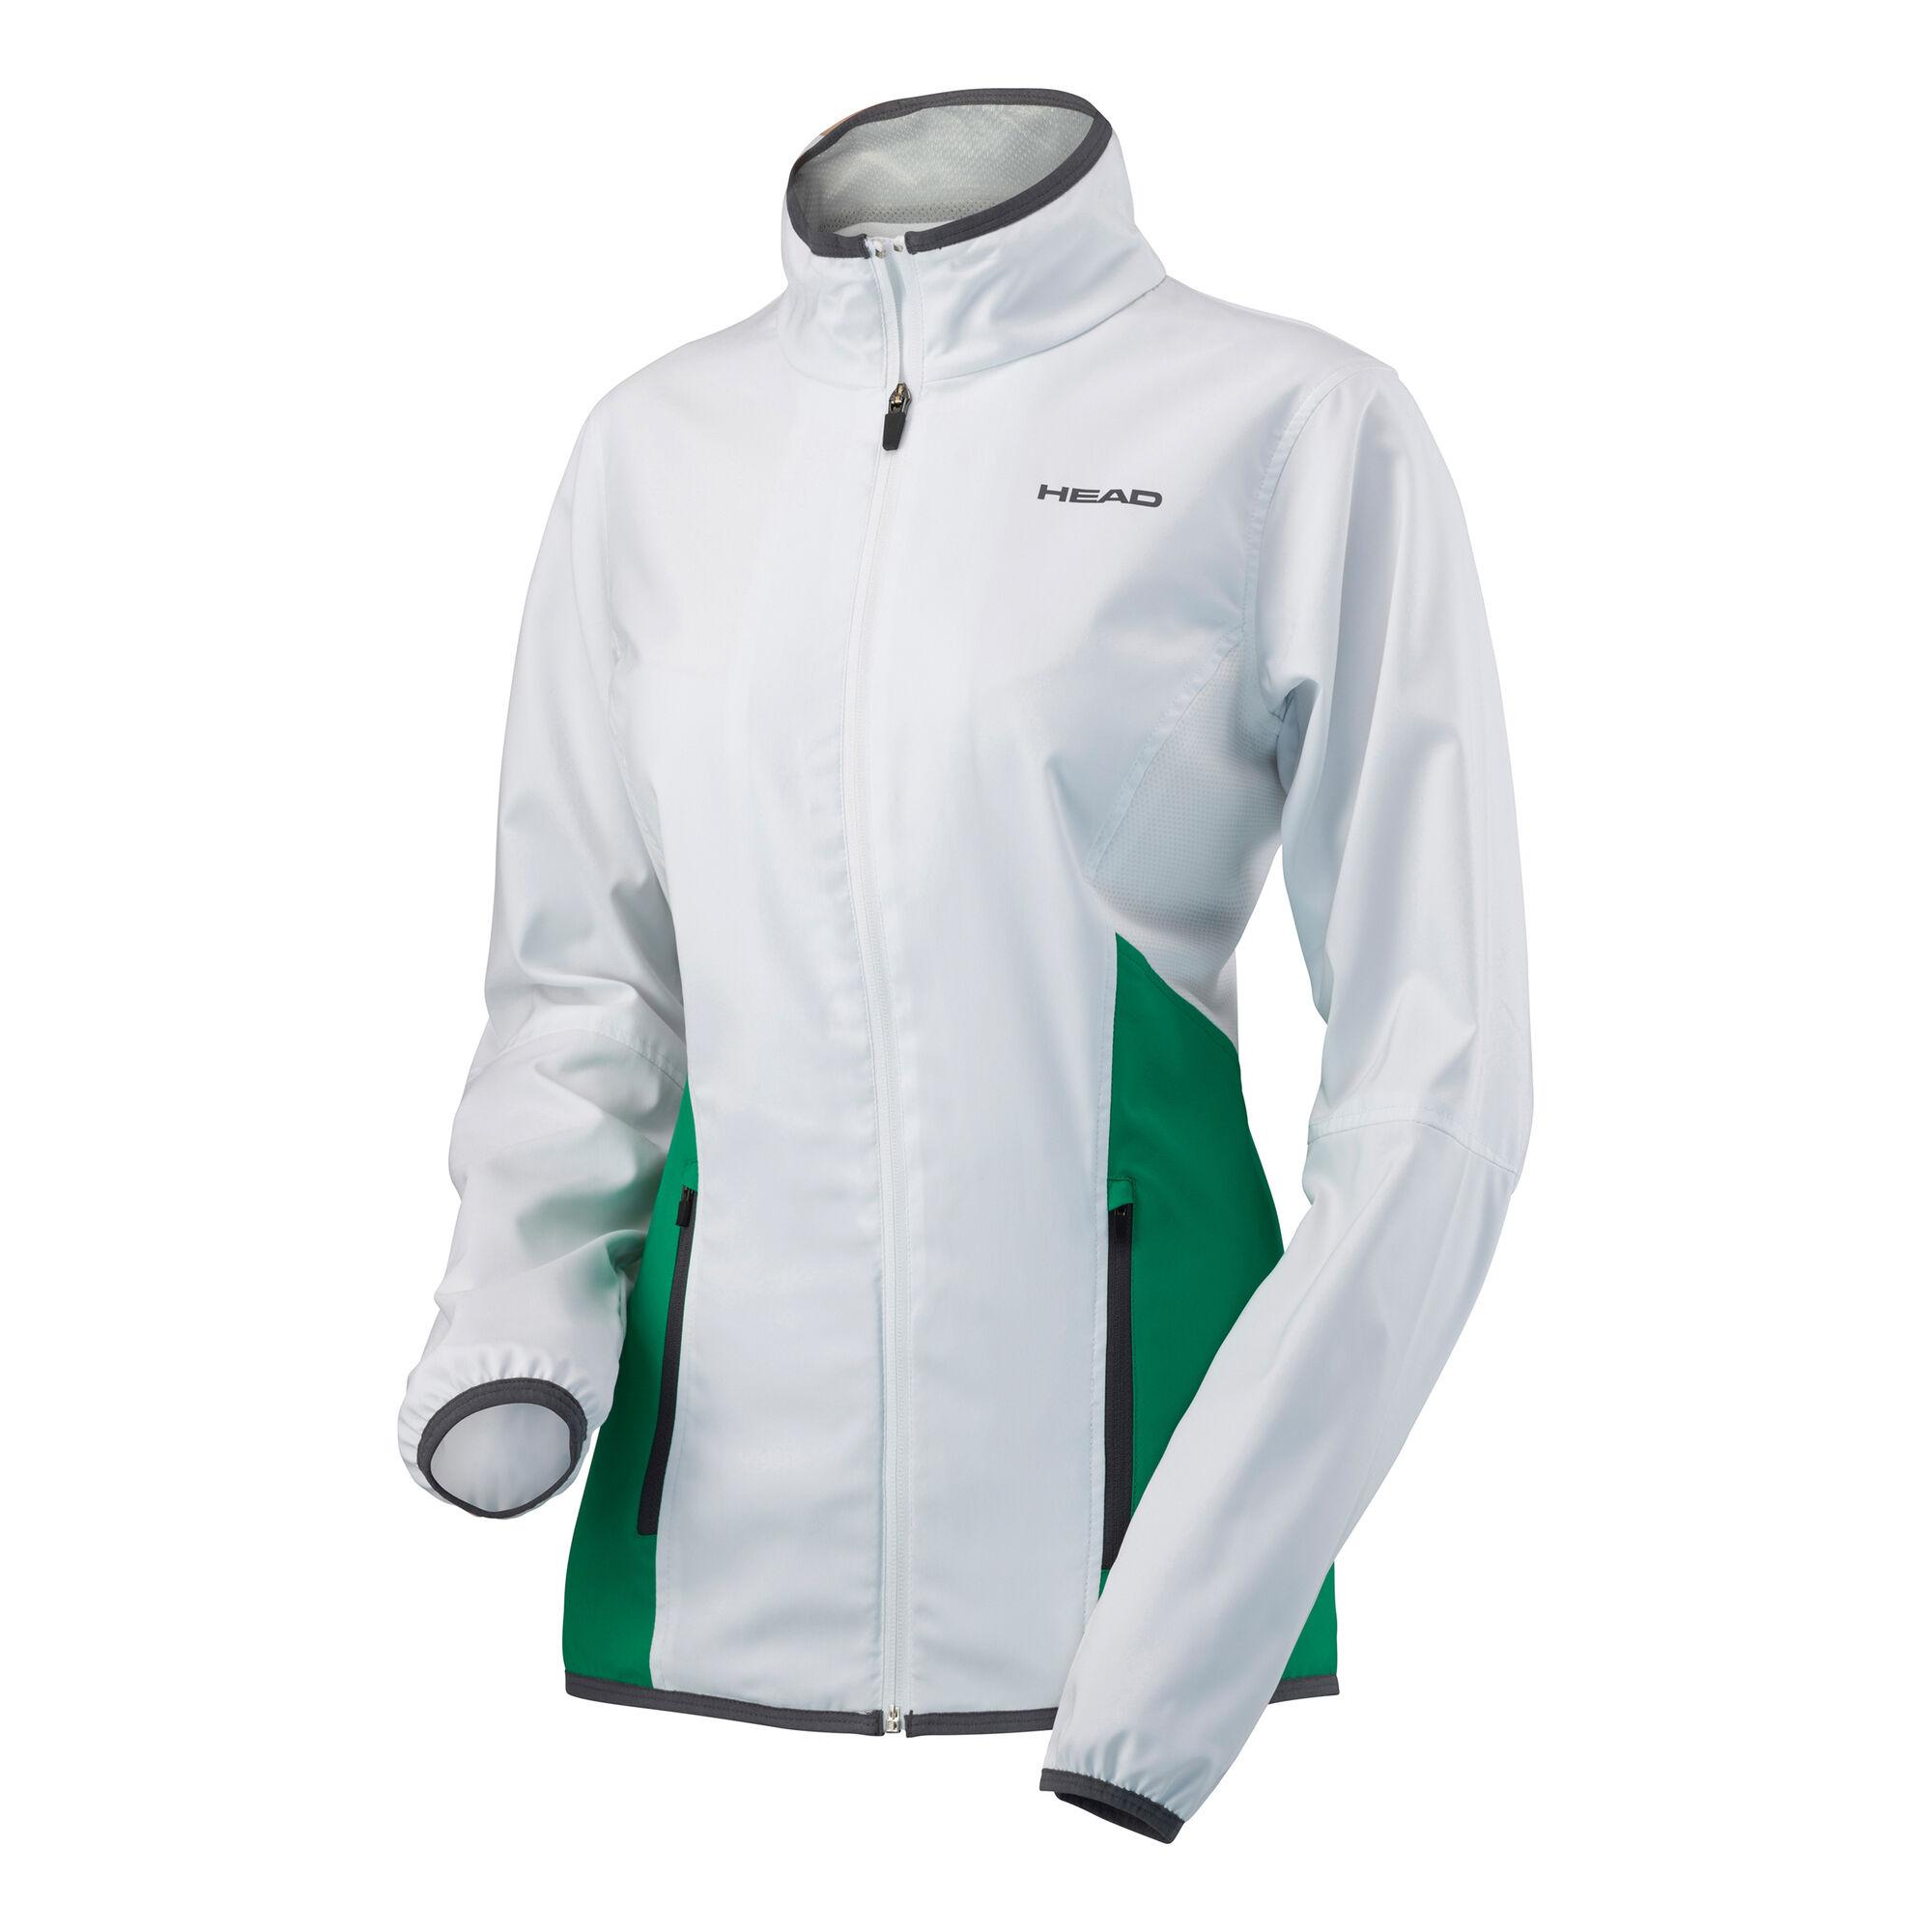 Dětská a dámská sportovní bunda Head bílo zelená *Velikosti textil: M